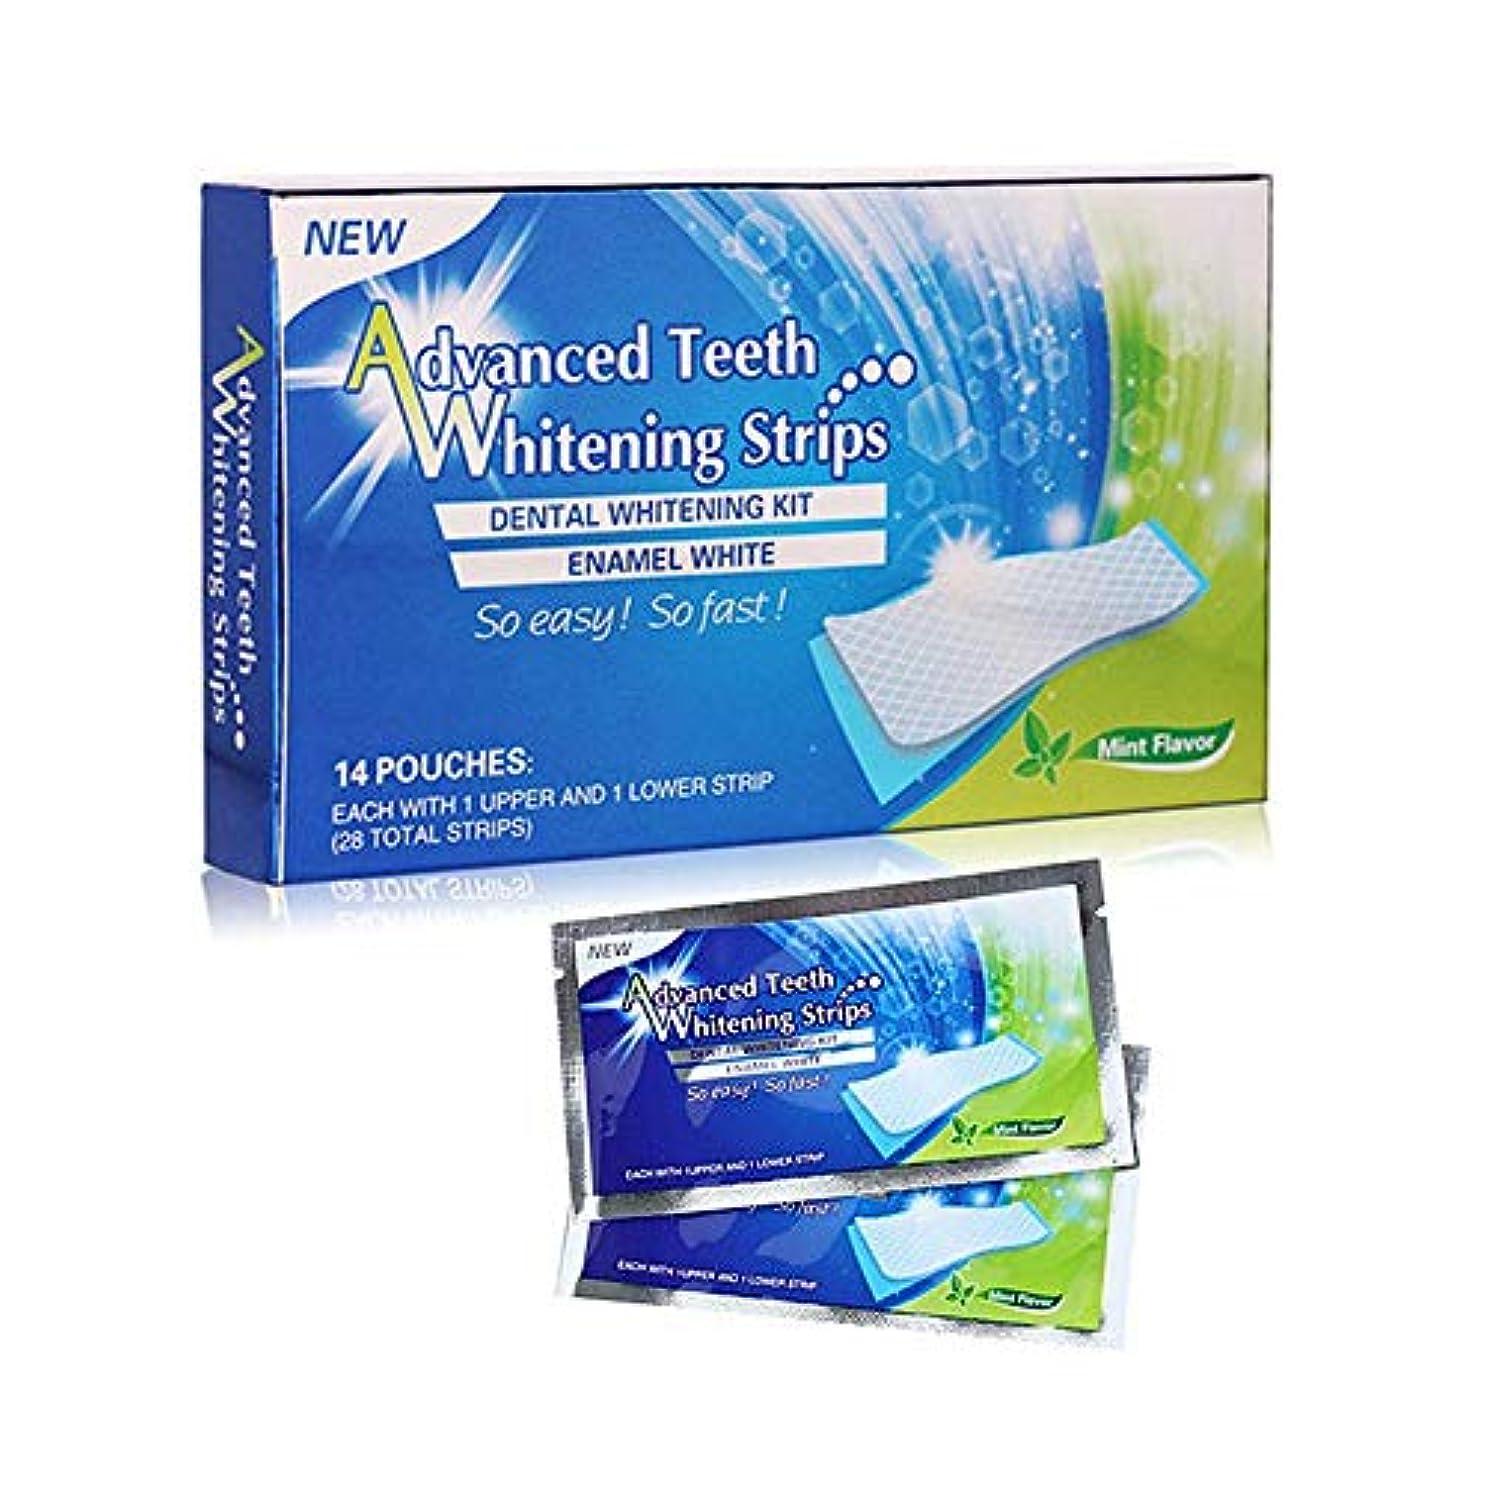 Volwco 28 PCS 歯ホワイトニングストリップ ホワイトニング 3Dホワイトシート 歯磨き 歯マニキュア 粘着性 耐久性 美白歯磨き 汚れ除去 口腔衛生管理 歯科用具